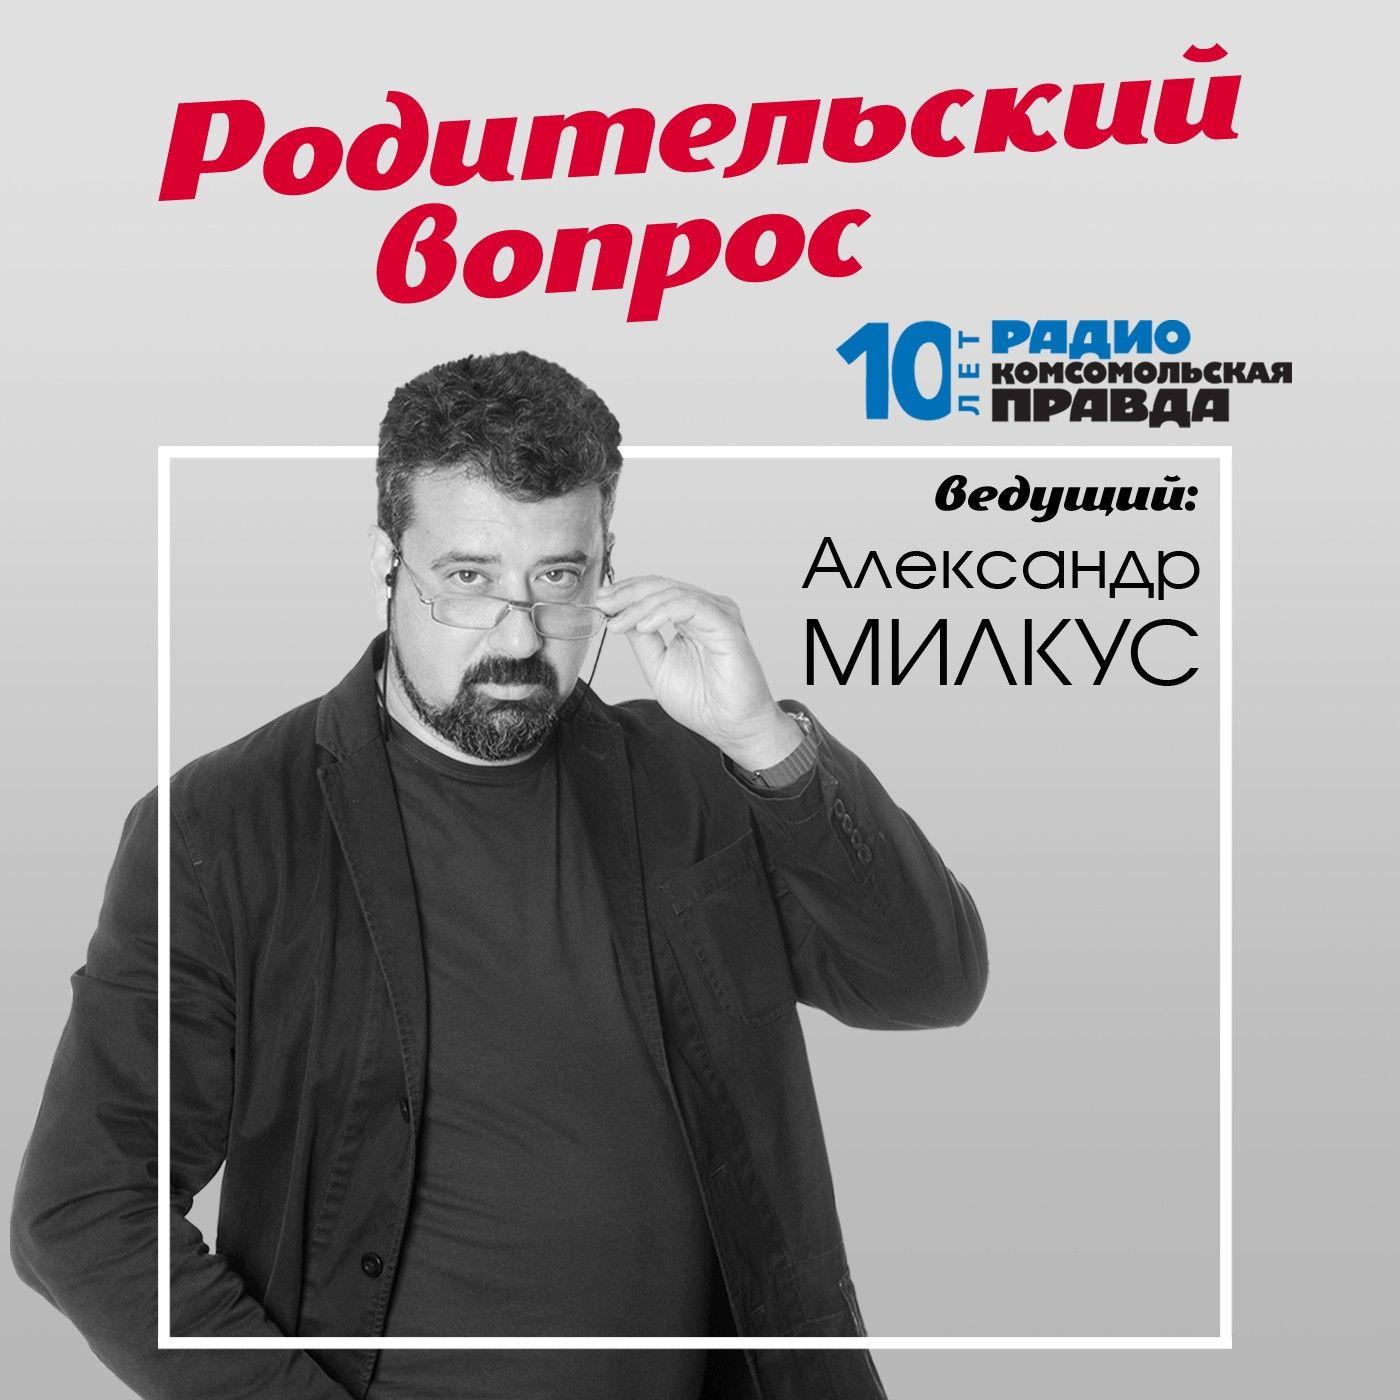 Радио «Комсомольская правда» Как уберечь ребенка от перегрева радио комсомольская правда в какую секцию отдать ребенка